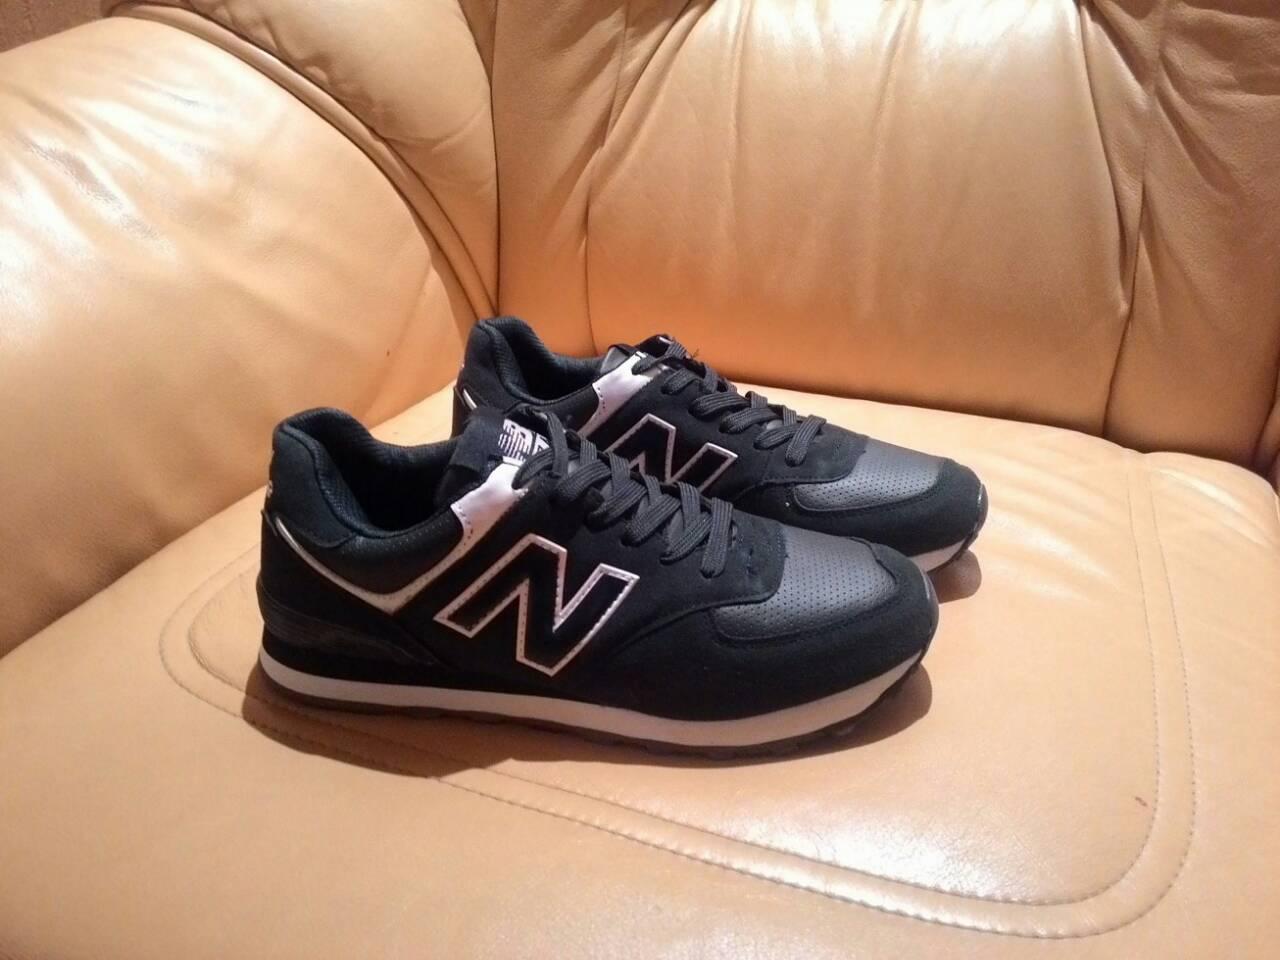 Sprzedam nowe buty sportowe New Balance  rozmiar - 40 i 41